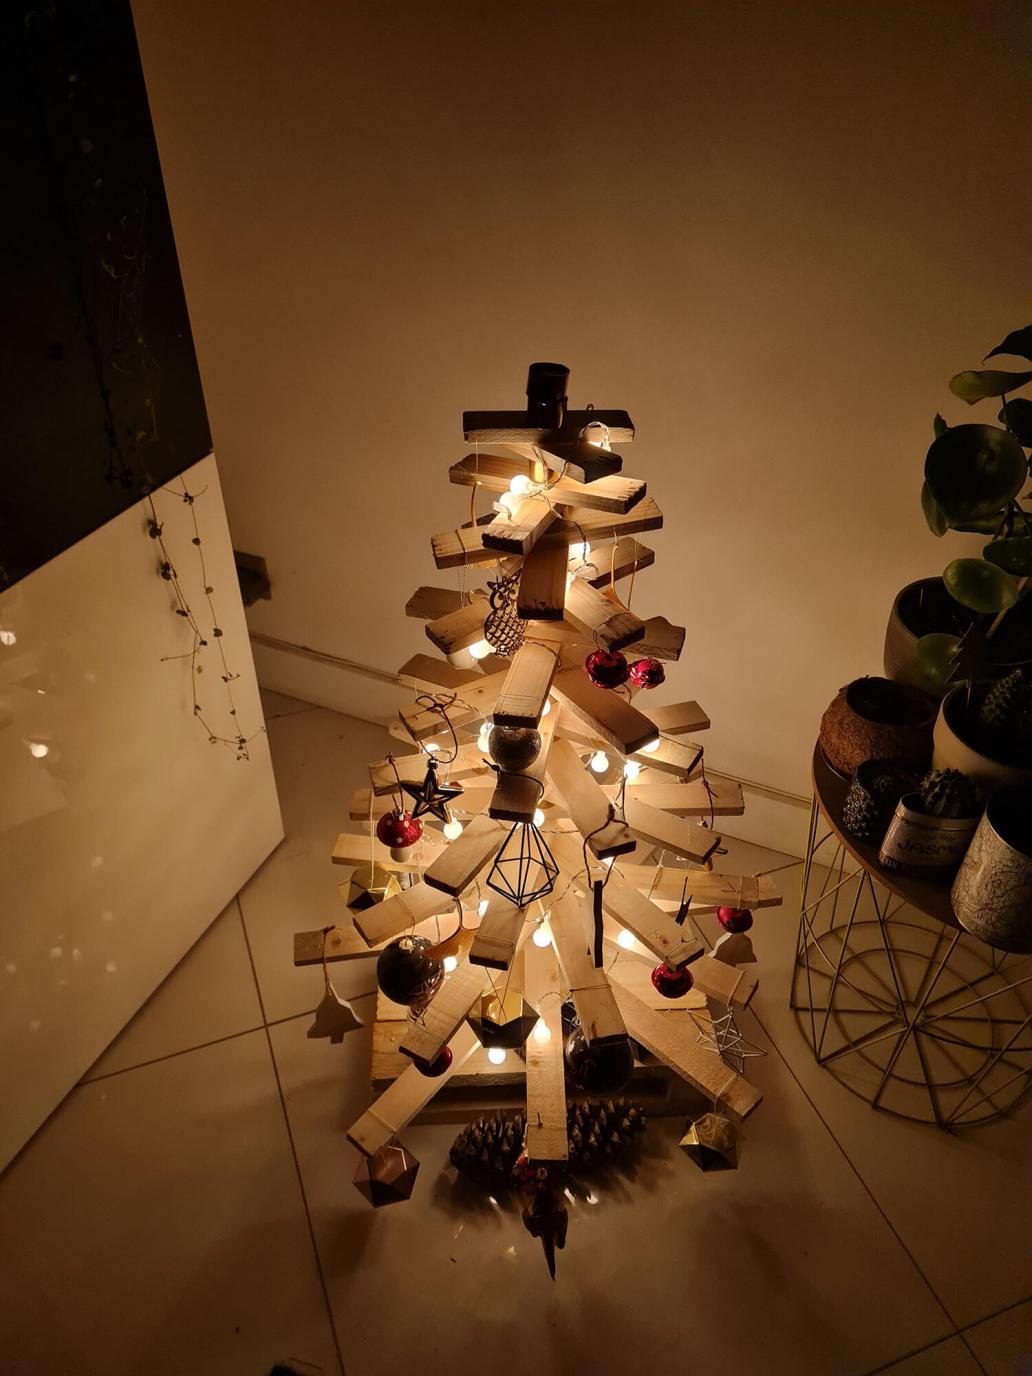 20201209 034056 - DIY récup : fabriquer un sapin de Noël en bois avec des tasseaux